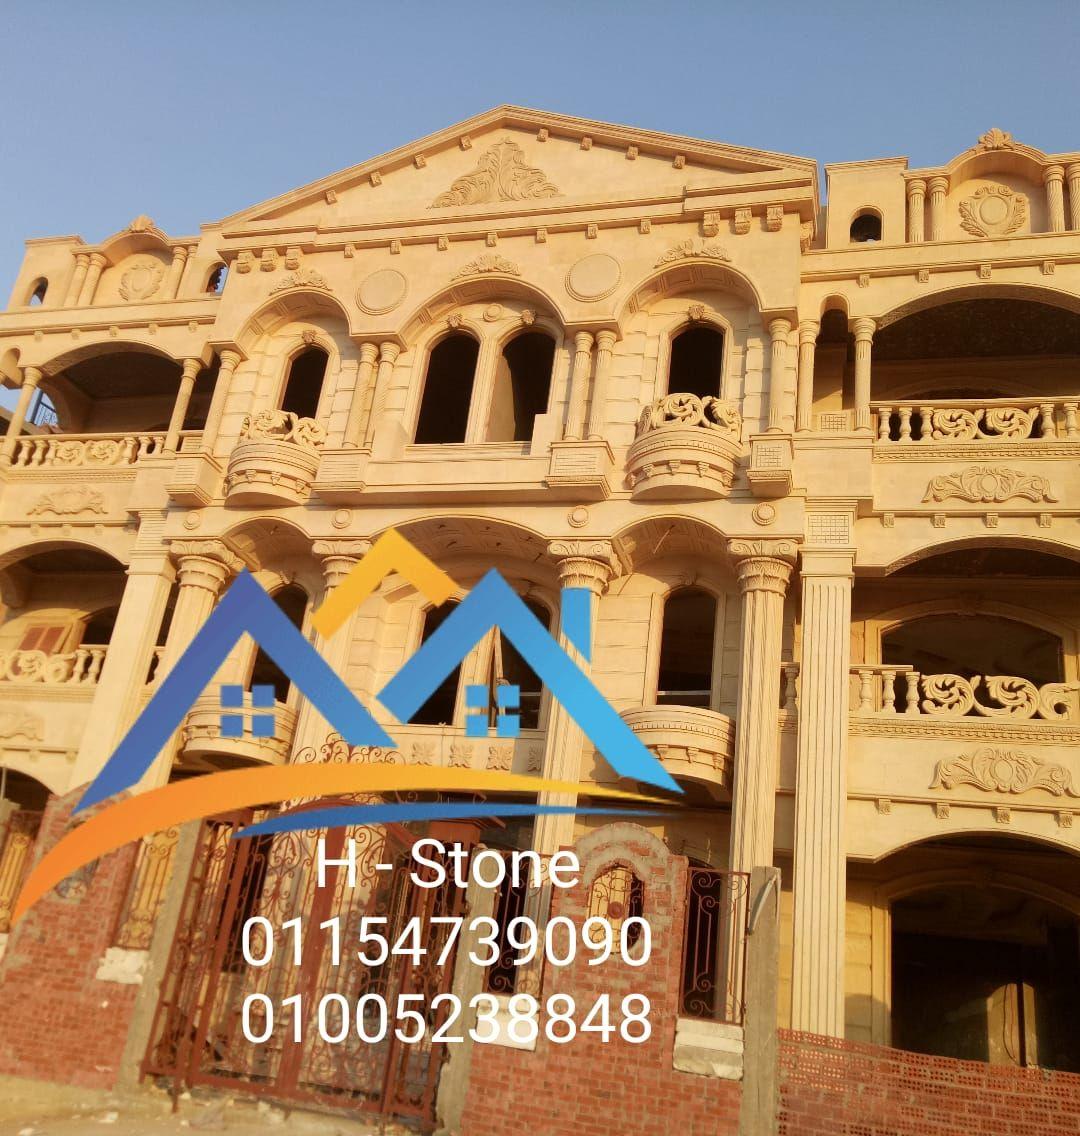 تصميم واجهات عمارات من الخارج House Styles Exterior Houses سعر 01154739090 House Exterior House Styles Taj Mahal